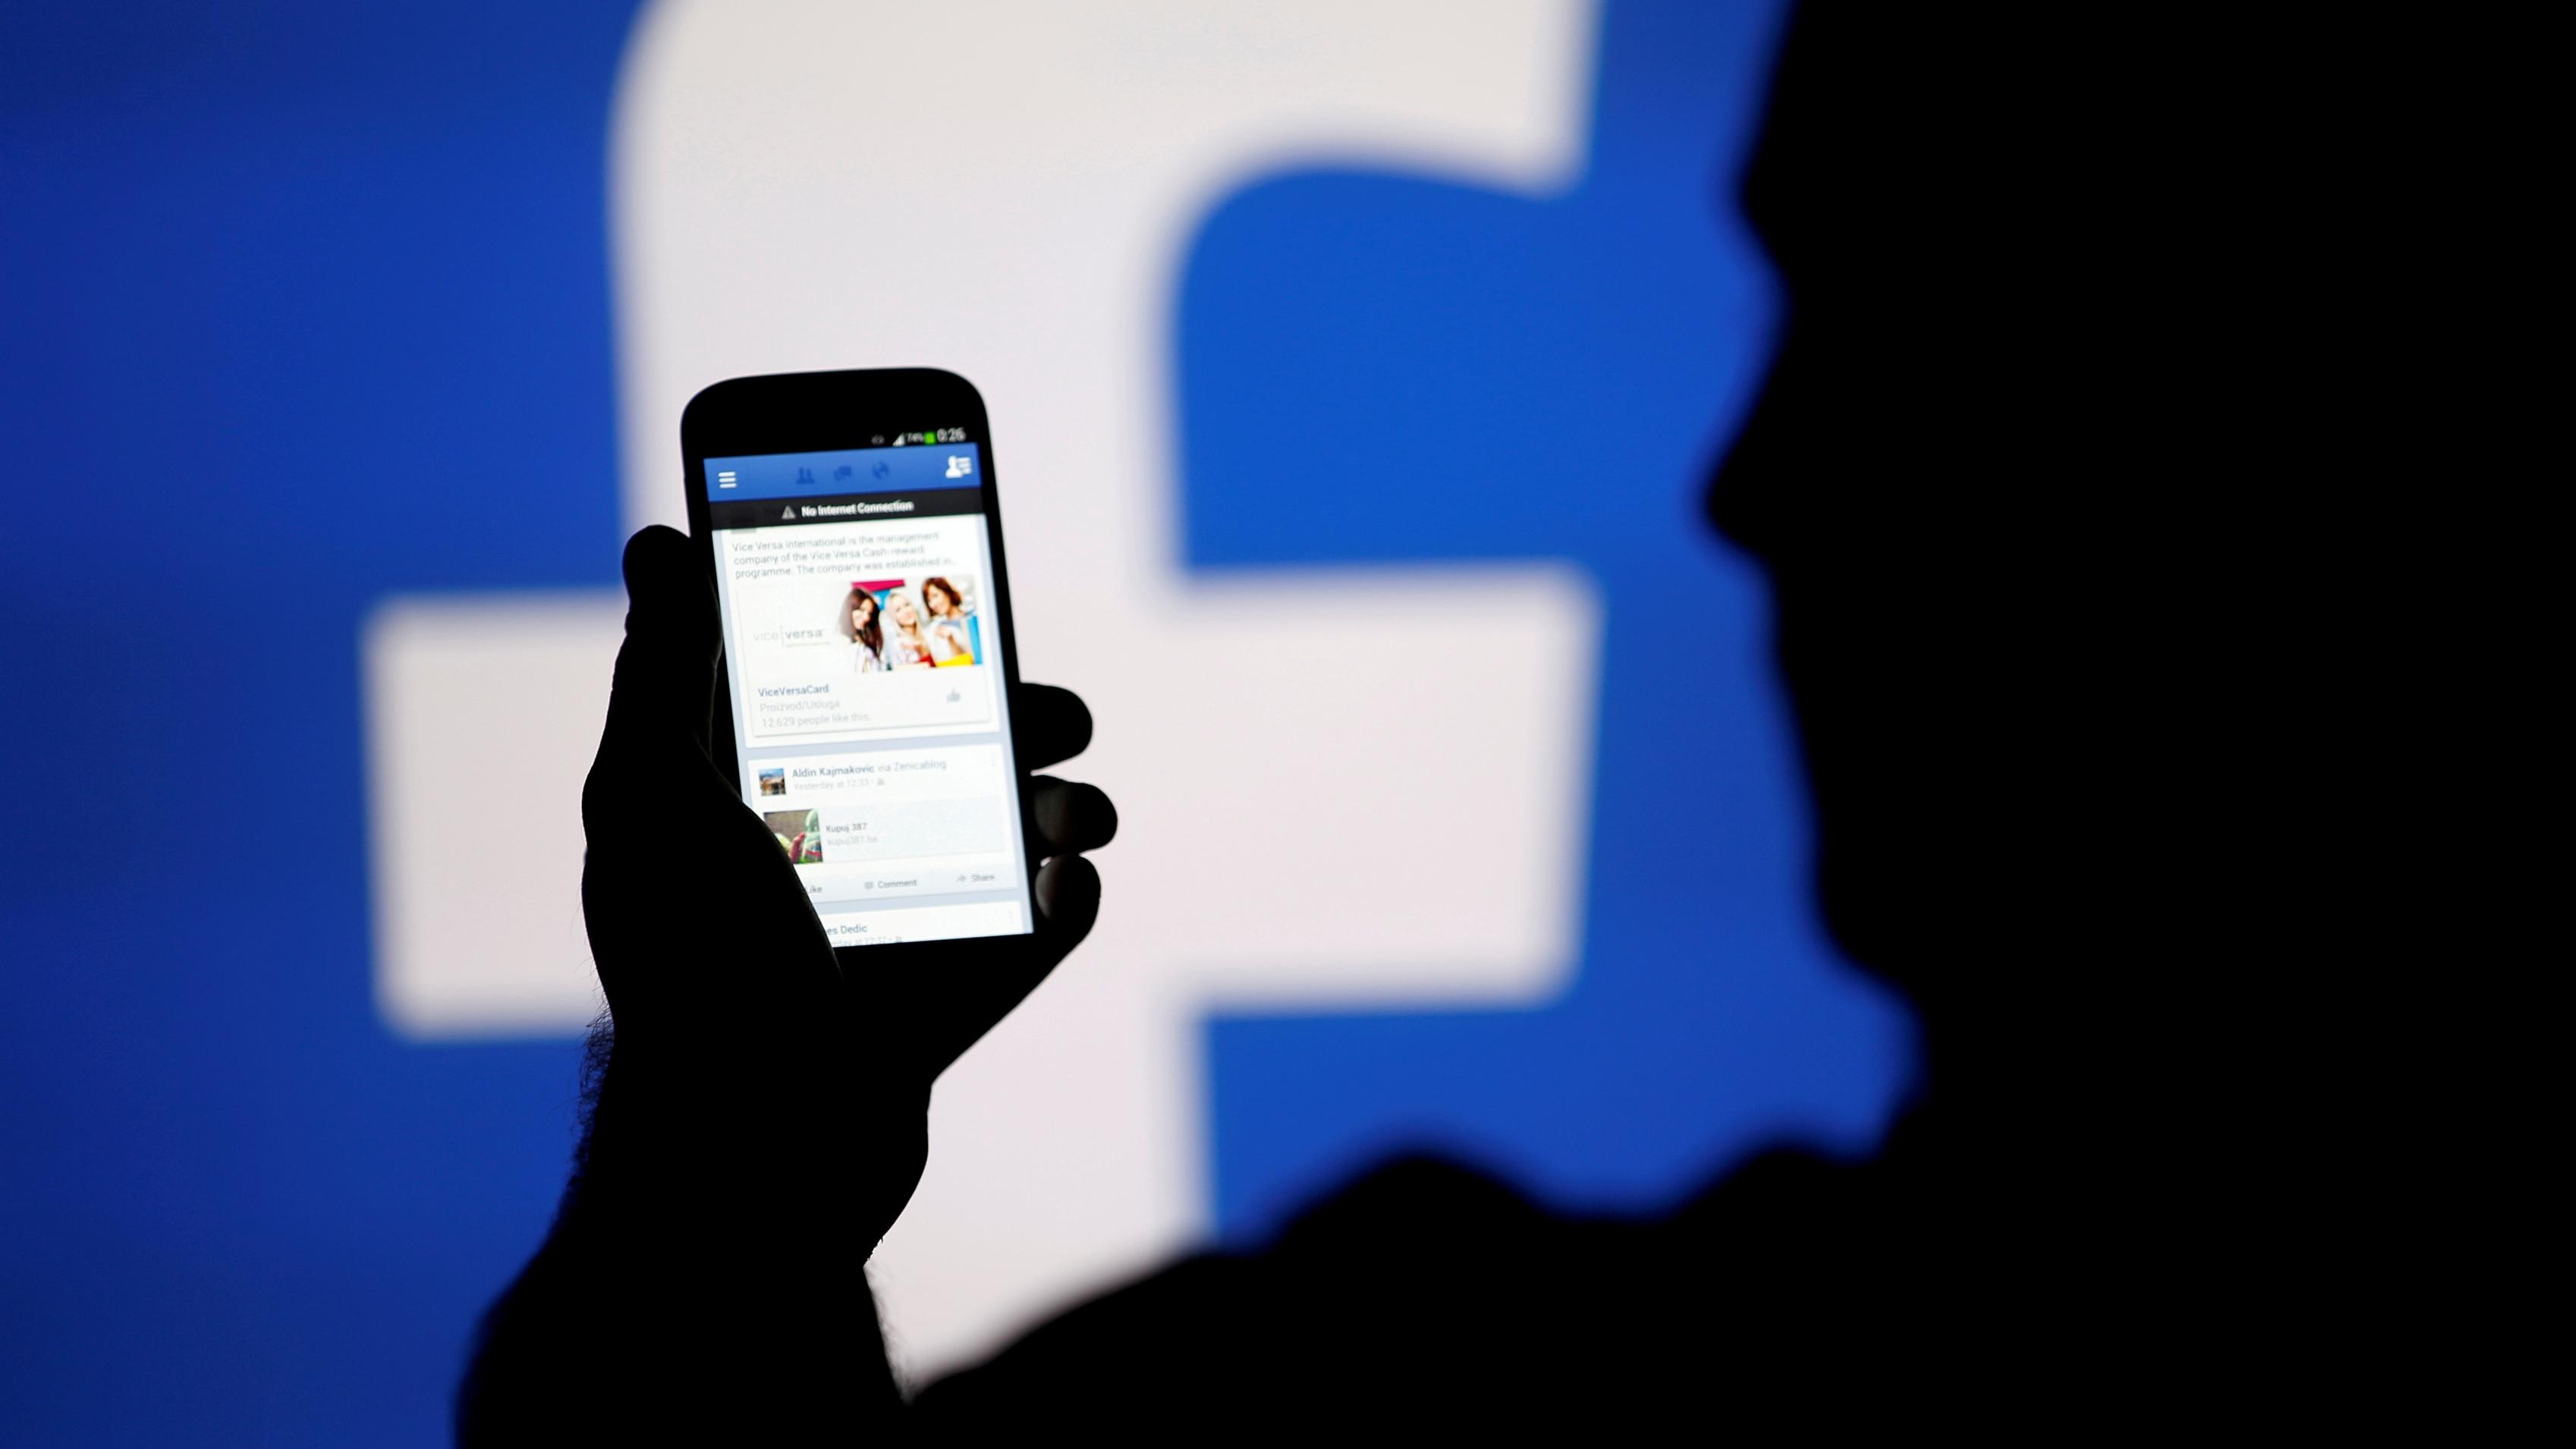 Facebook falla en proteger datos personales, dictamina Alemania